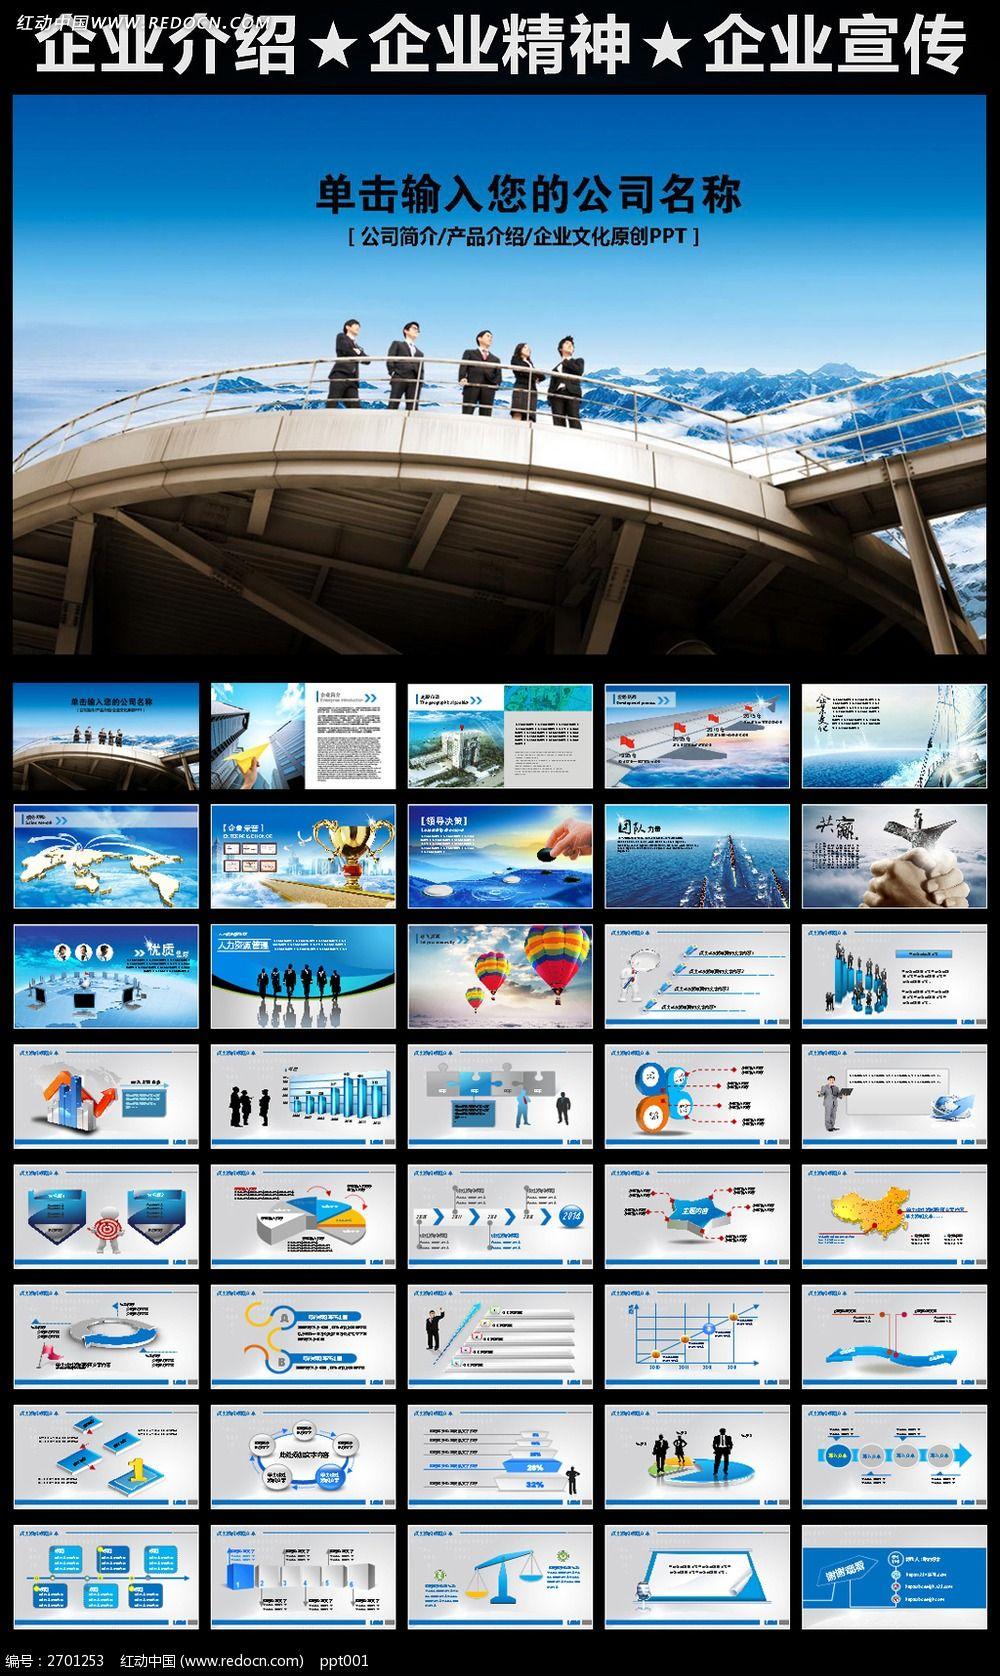 团队合作企业文化公司简介ppt素材下载(编号2701253)图片